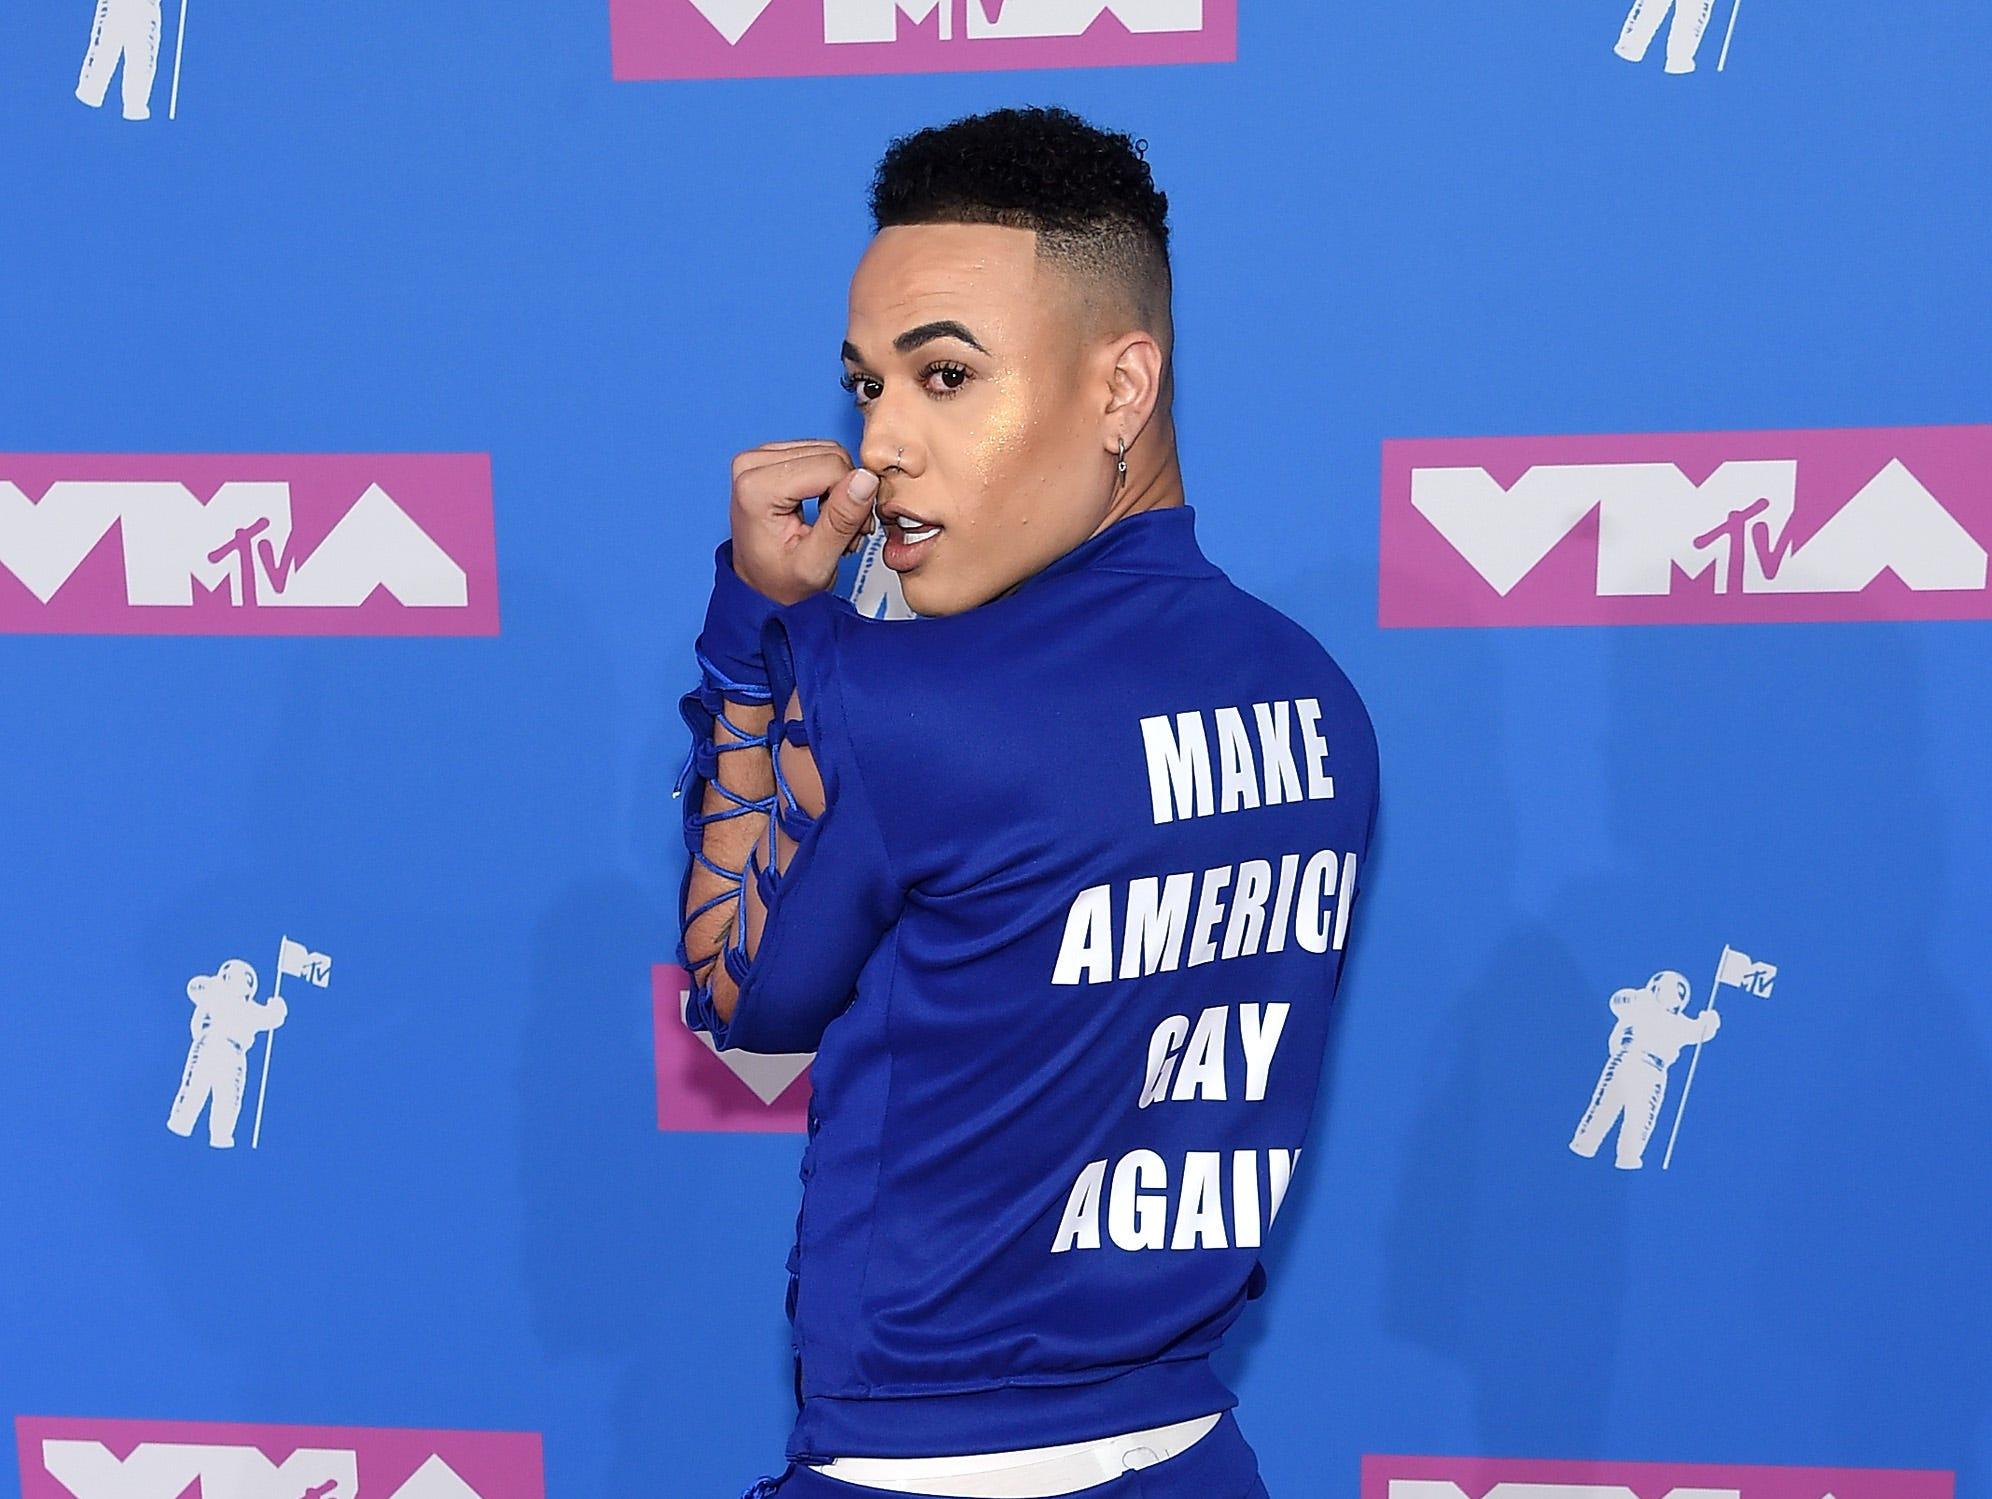 Bobby Lytes asiste a los MTV Video Music Awards 2018 en el Radio City Music Hall el 20 de agosto de 2018 en la ciudad de Nueva York.